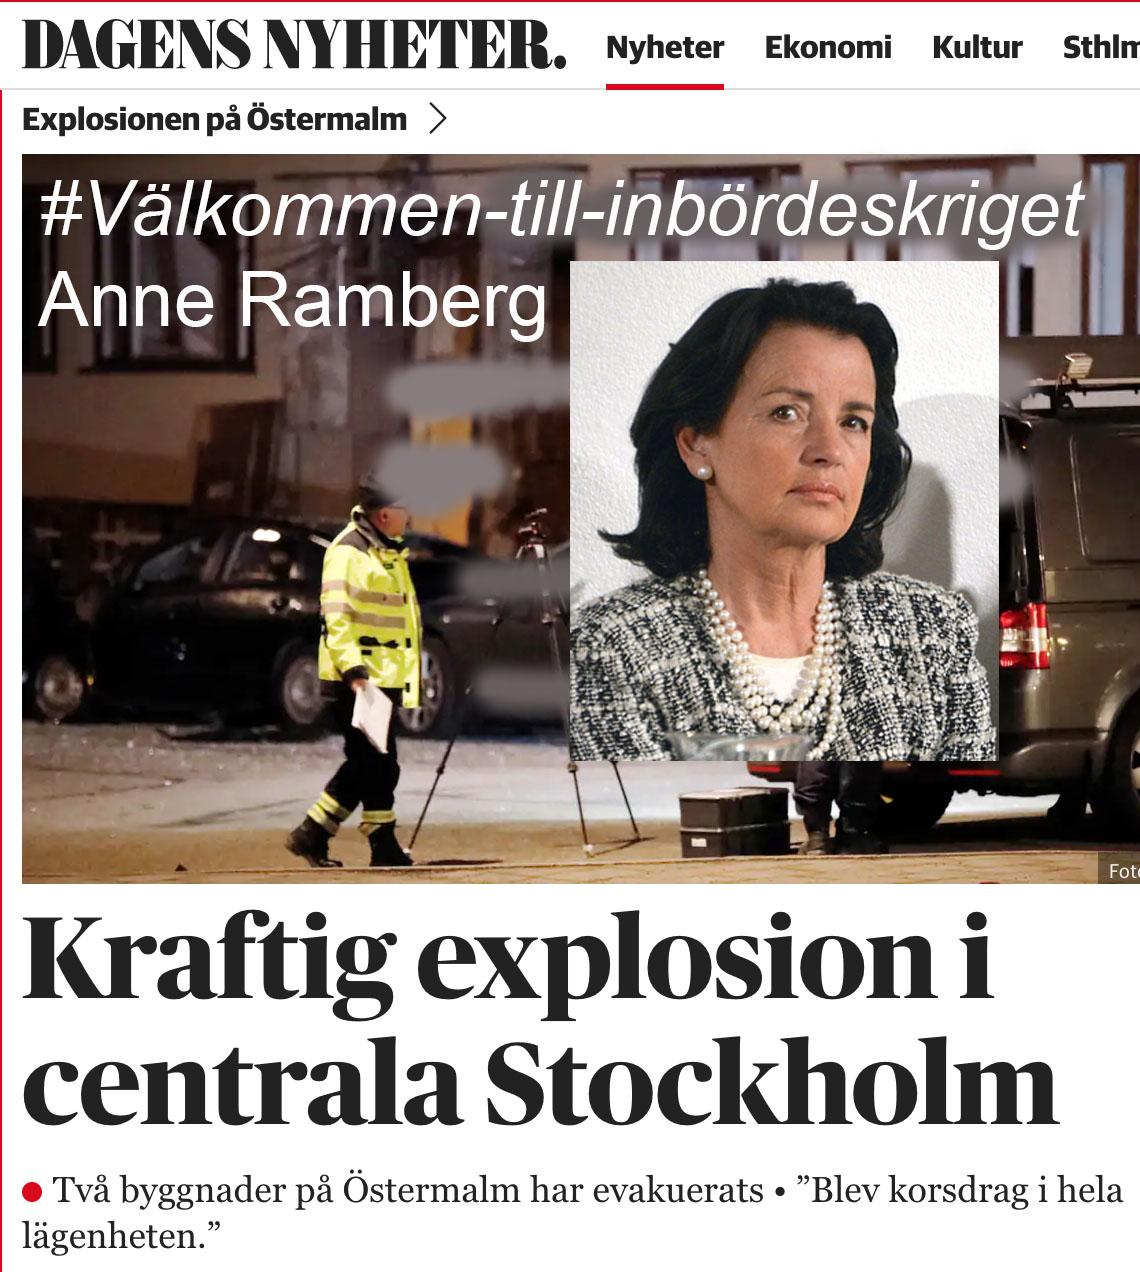 Anne Ramberg, ska du flytta nu? #välkommen-till-inbördeskriget